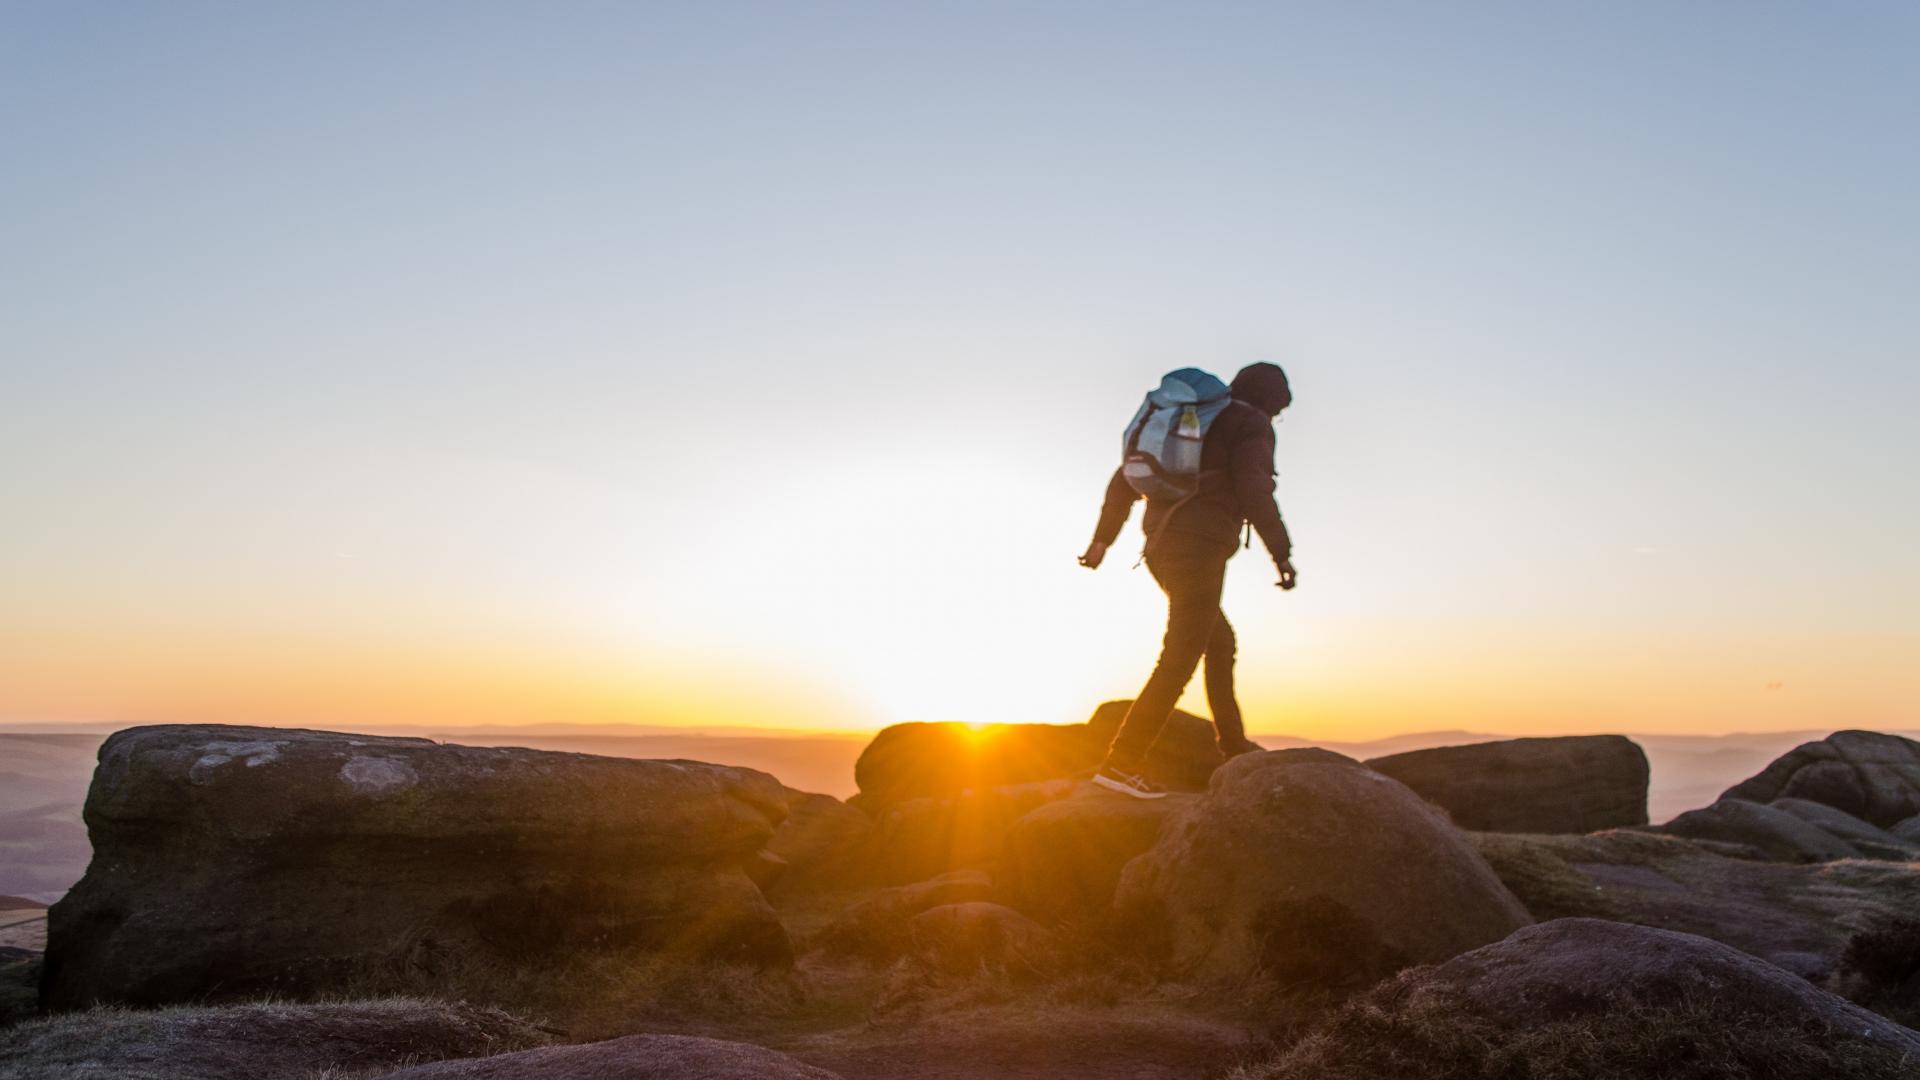 Nationalparks entdecken und naturnahe Momente erleben © unsplash.com, Usman Omar